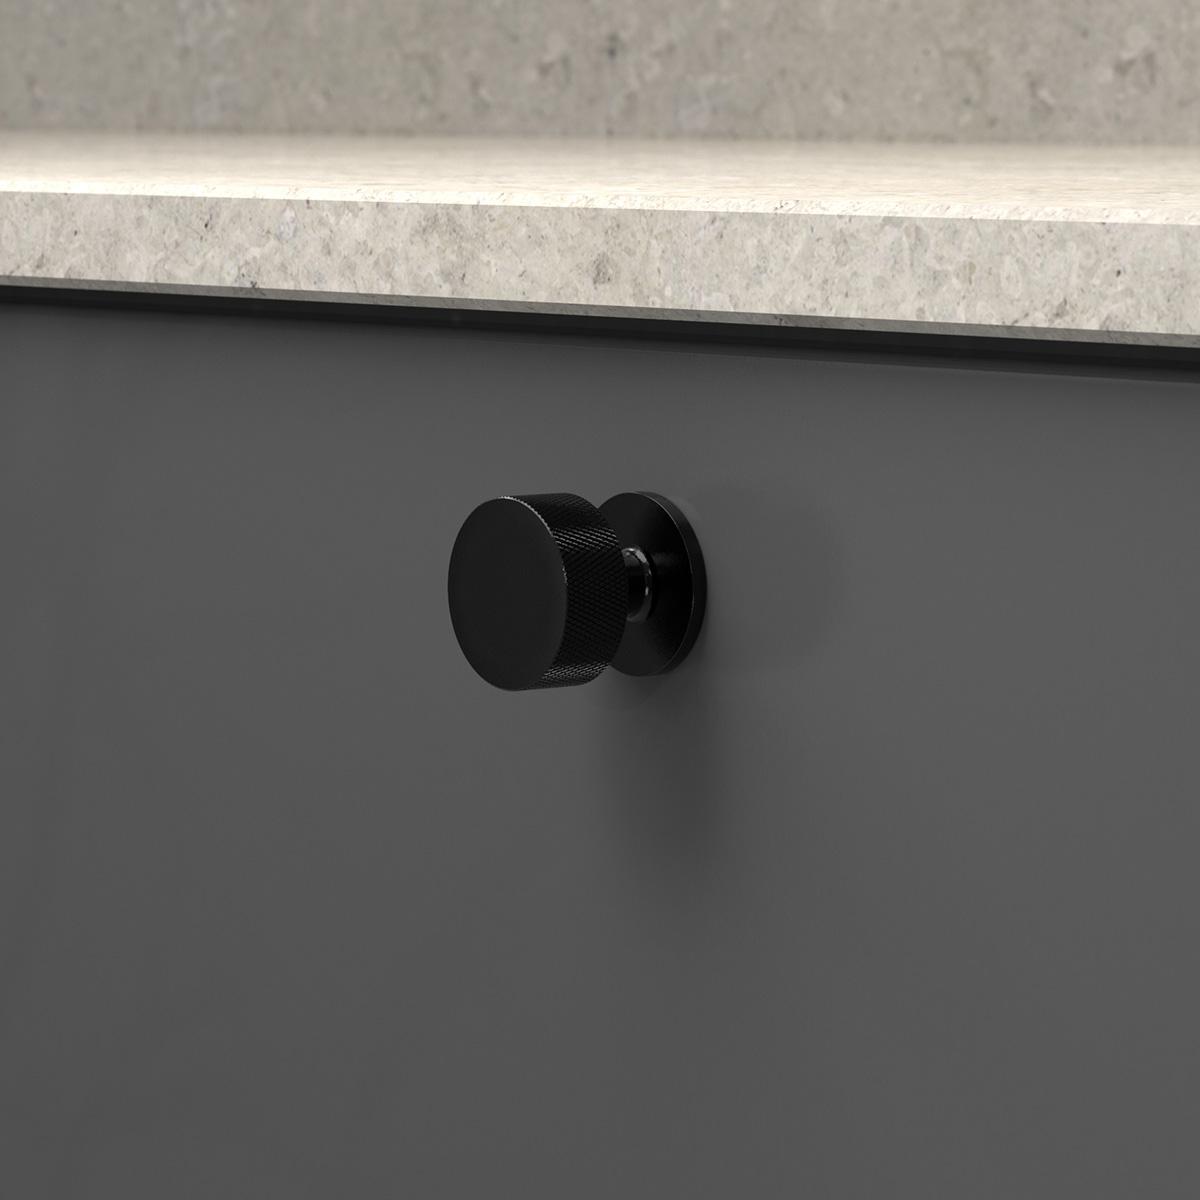 Knopp crest matt svart 309140 11 32 mm ncs s 7500 n kalksten